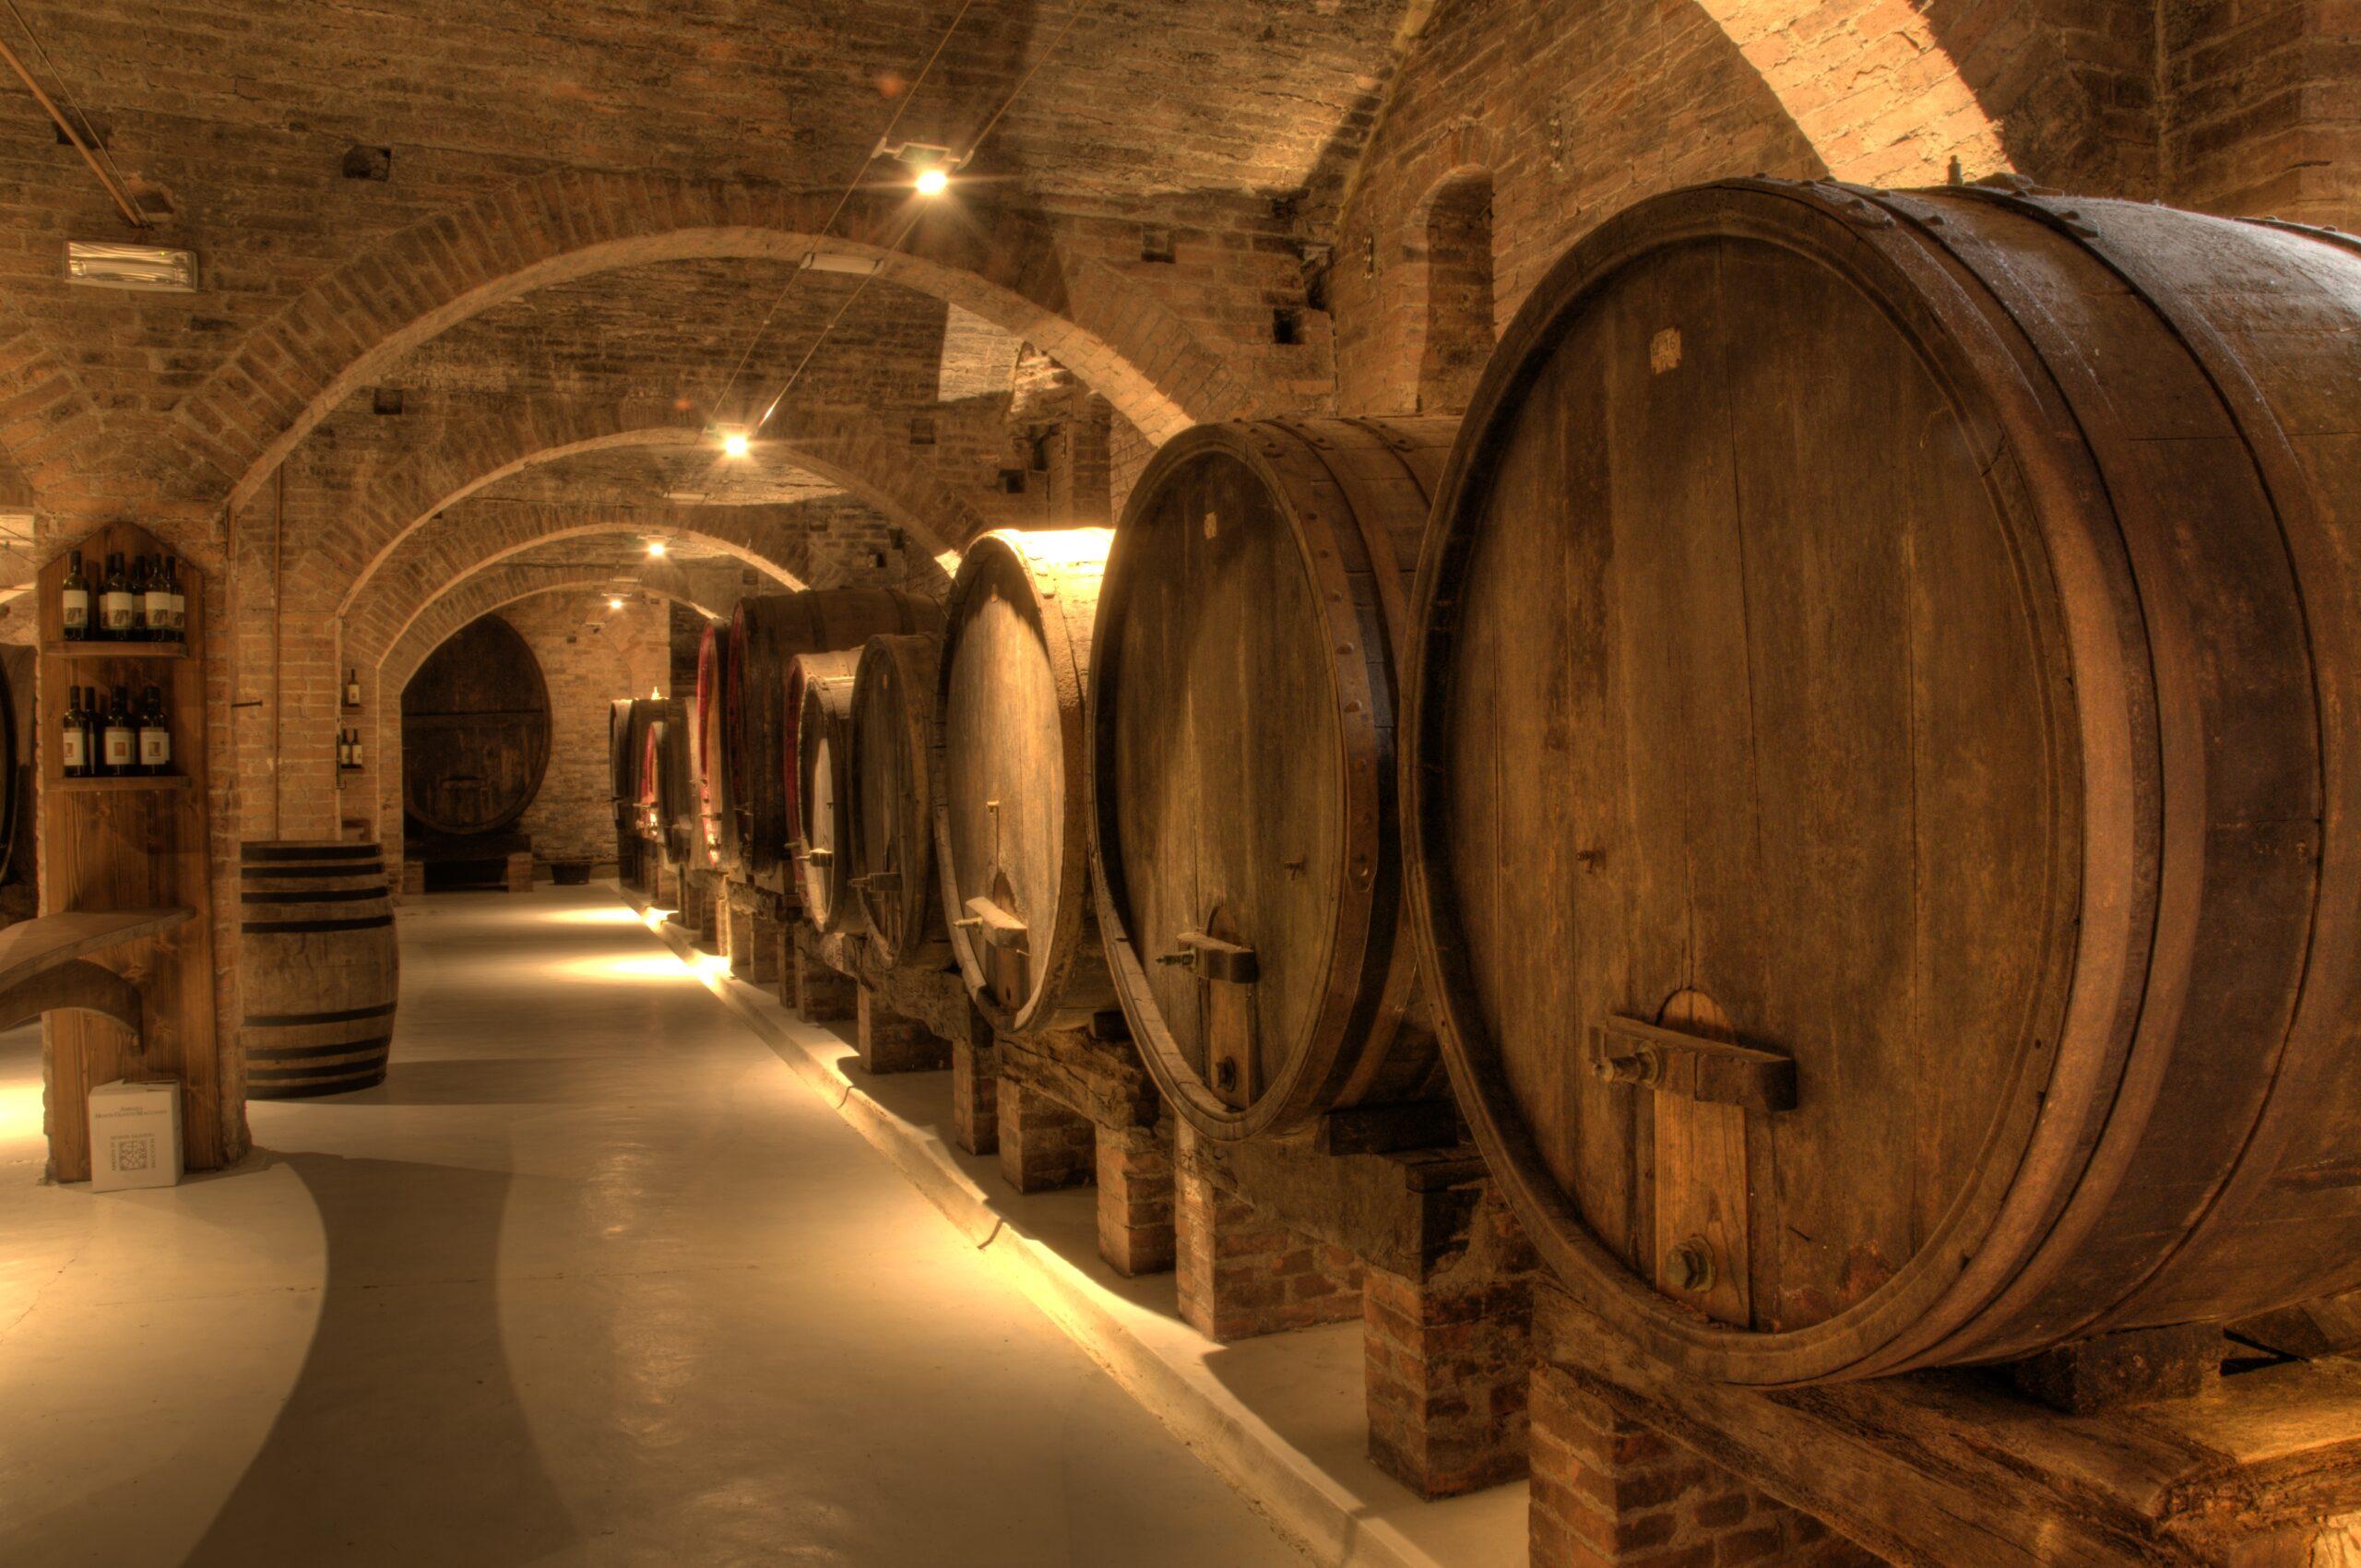 Azienda-viticola-Ocm-Bando